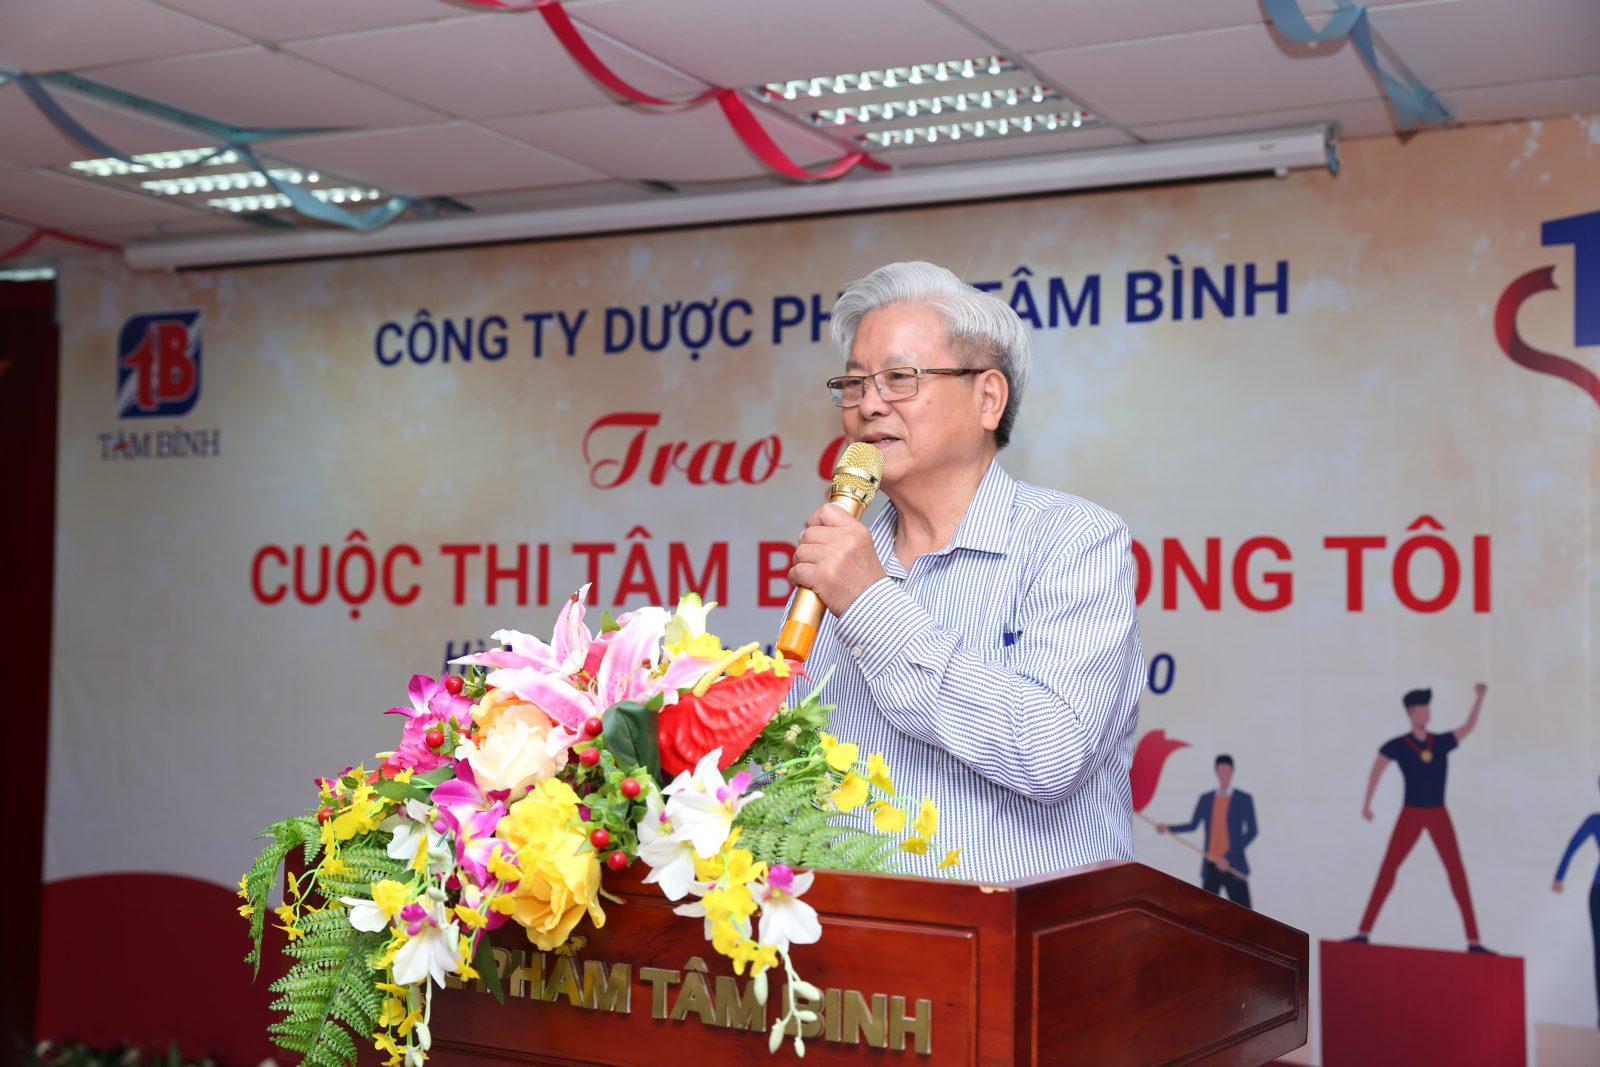 Nhà báo Kim Quốc Hoa